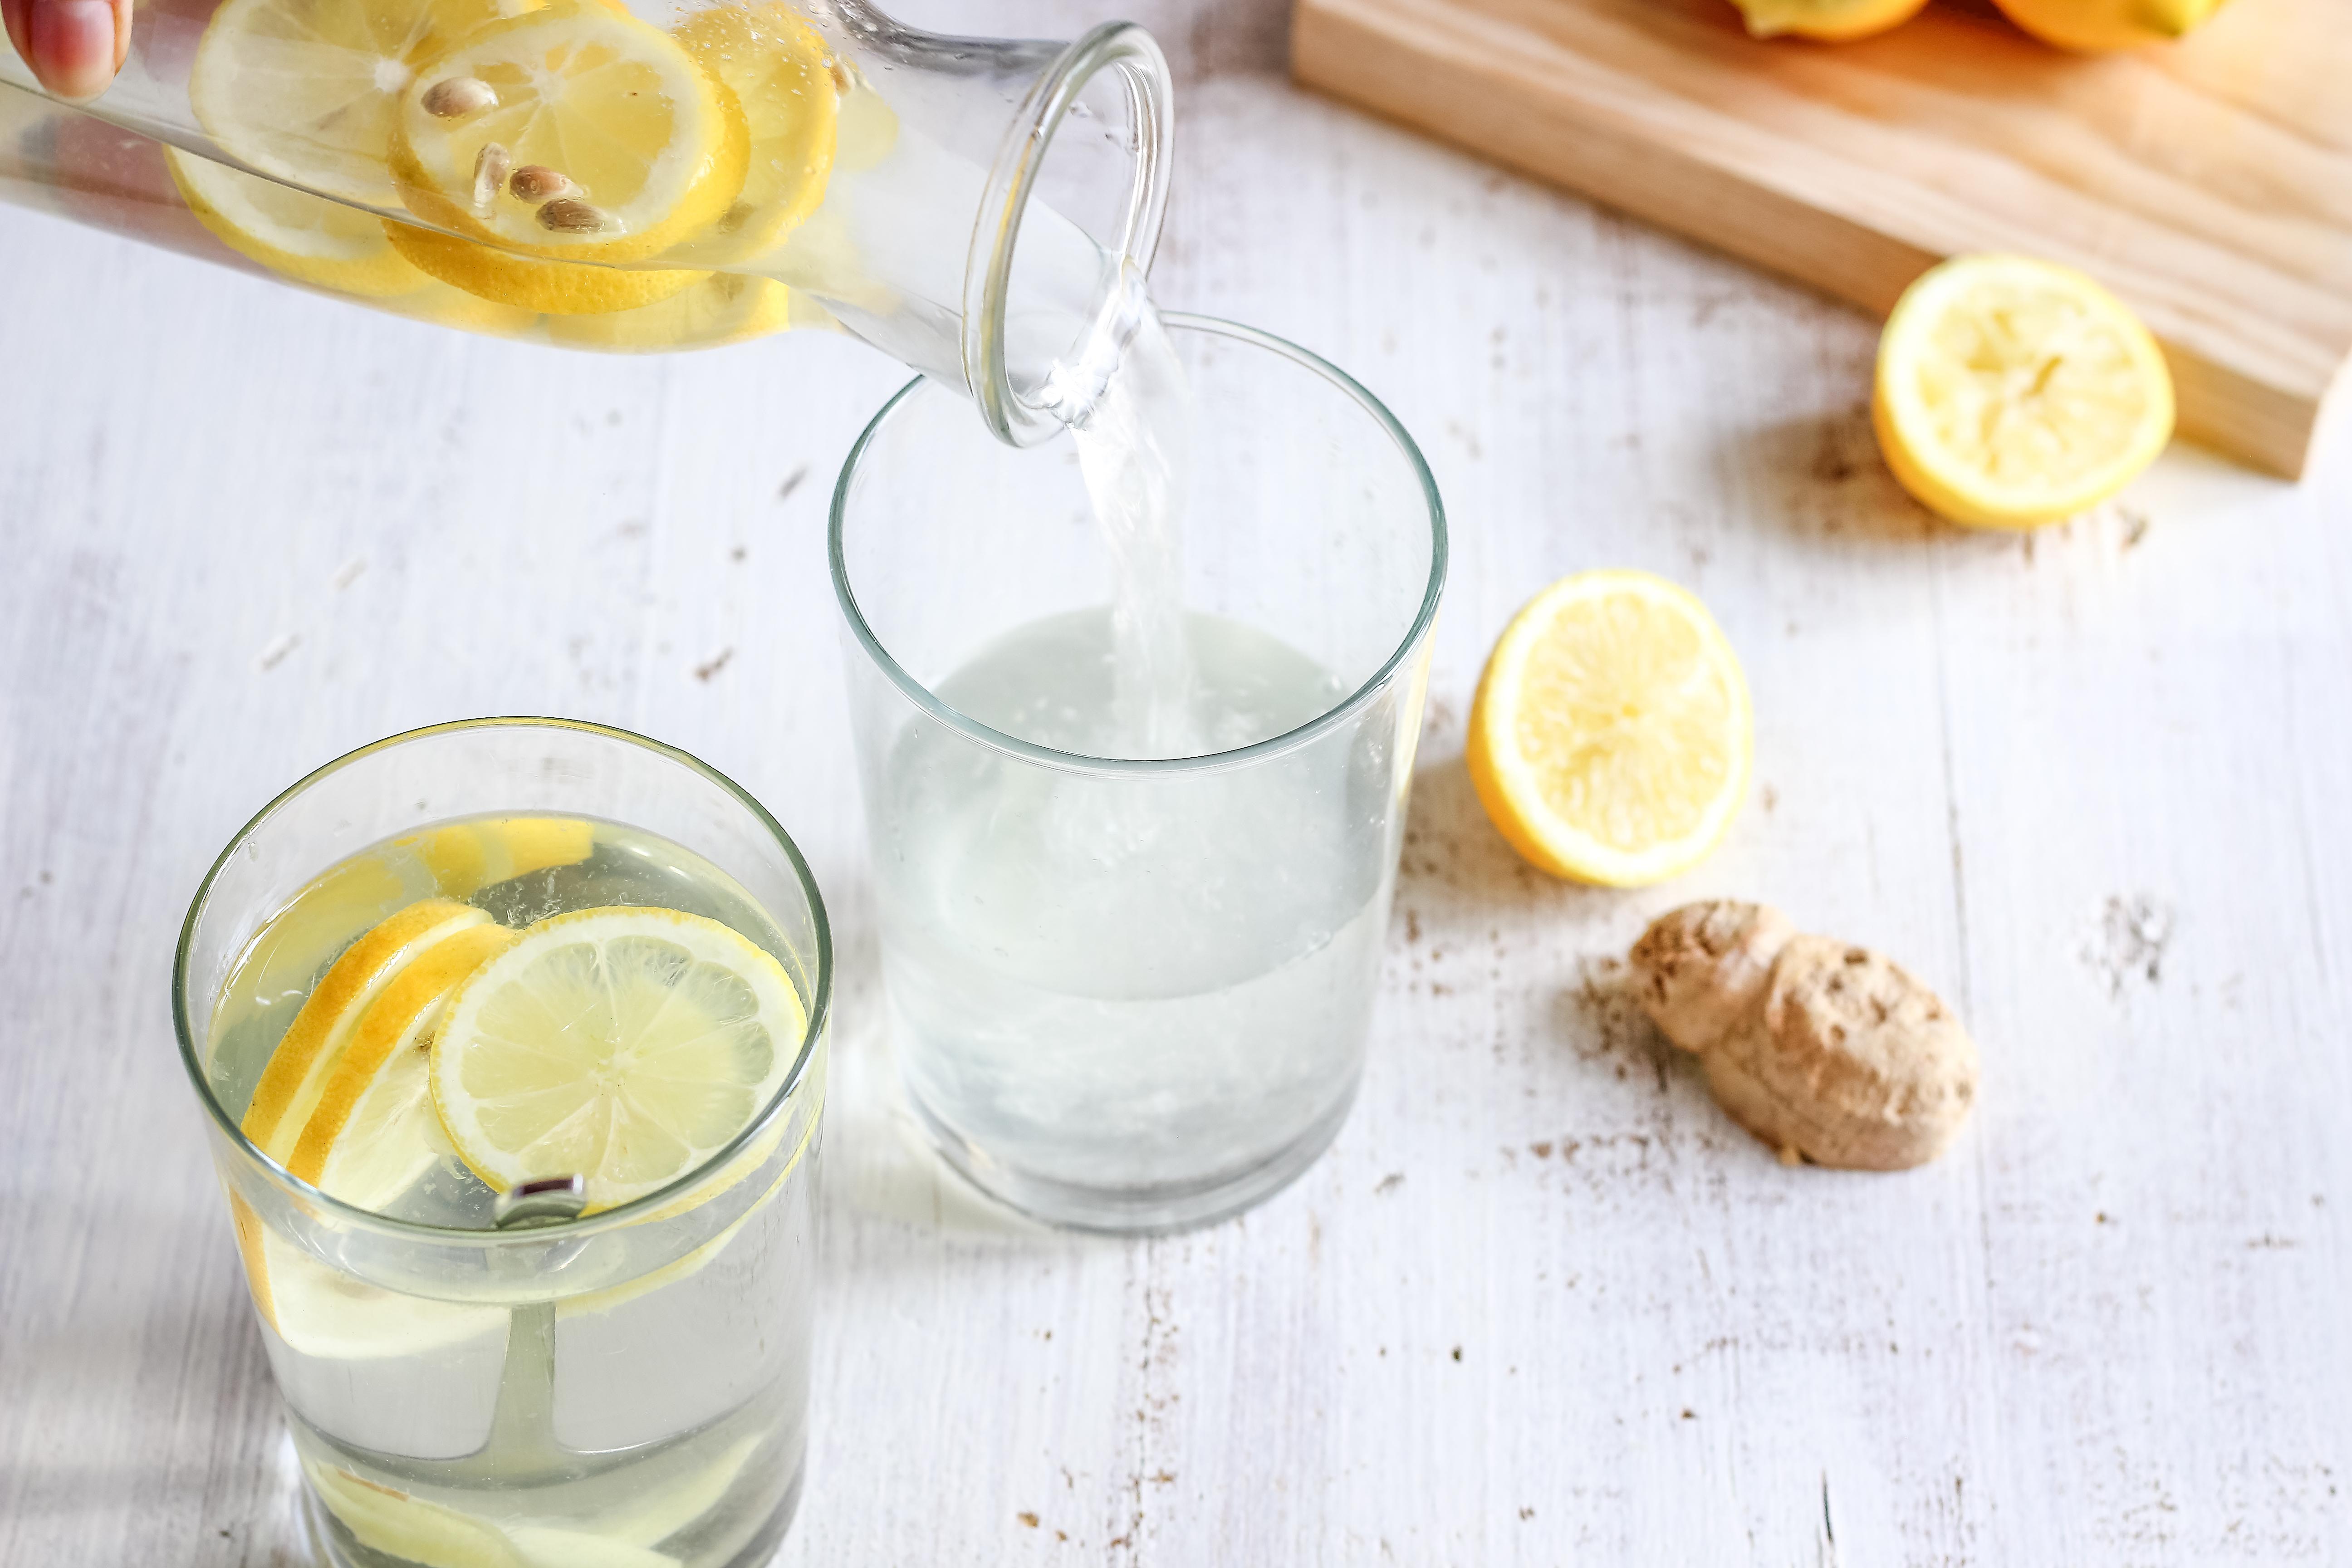 méregtelenítés citrommal)